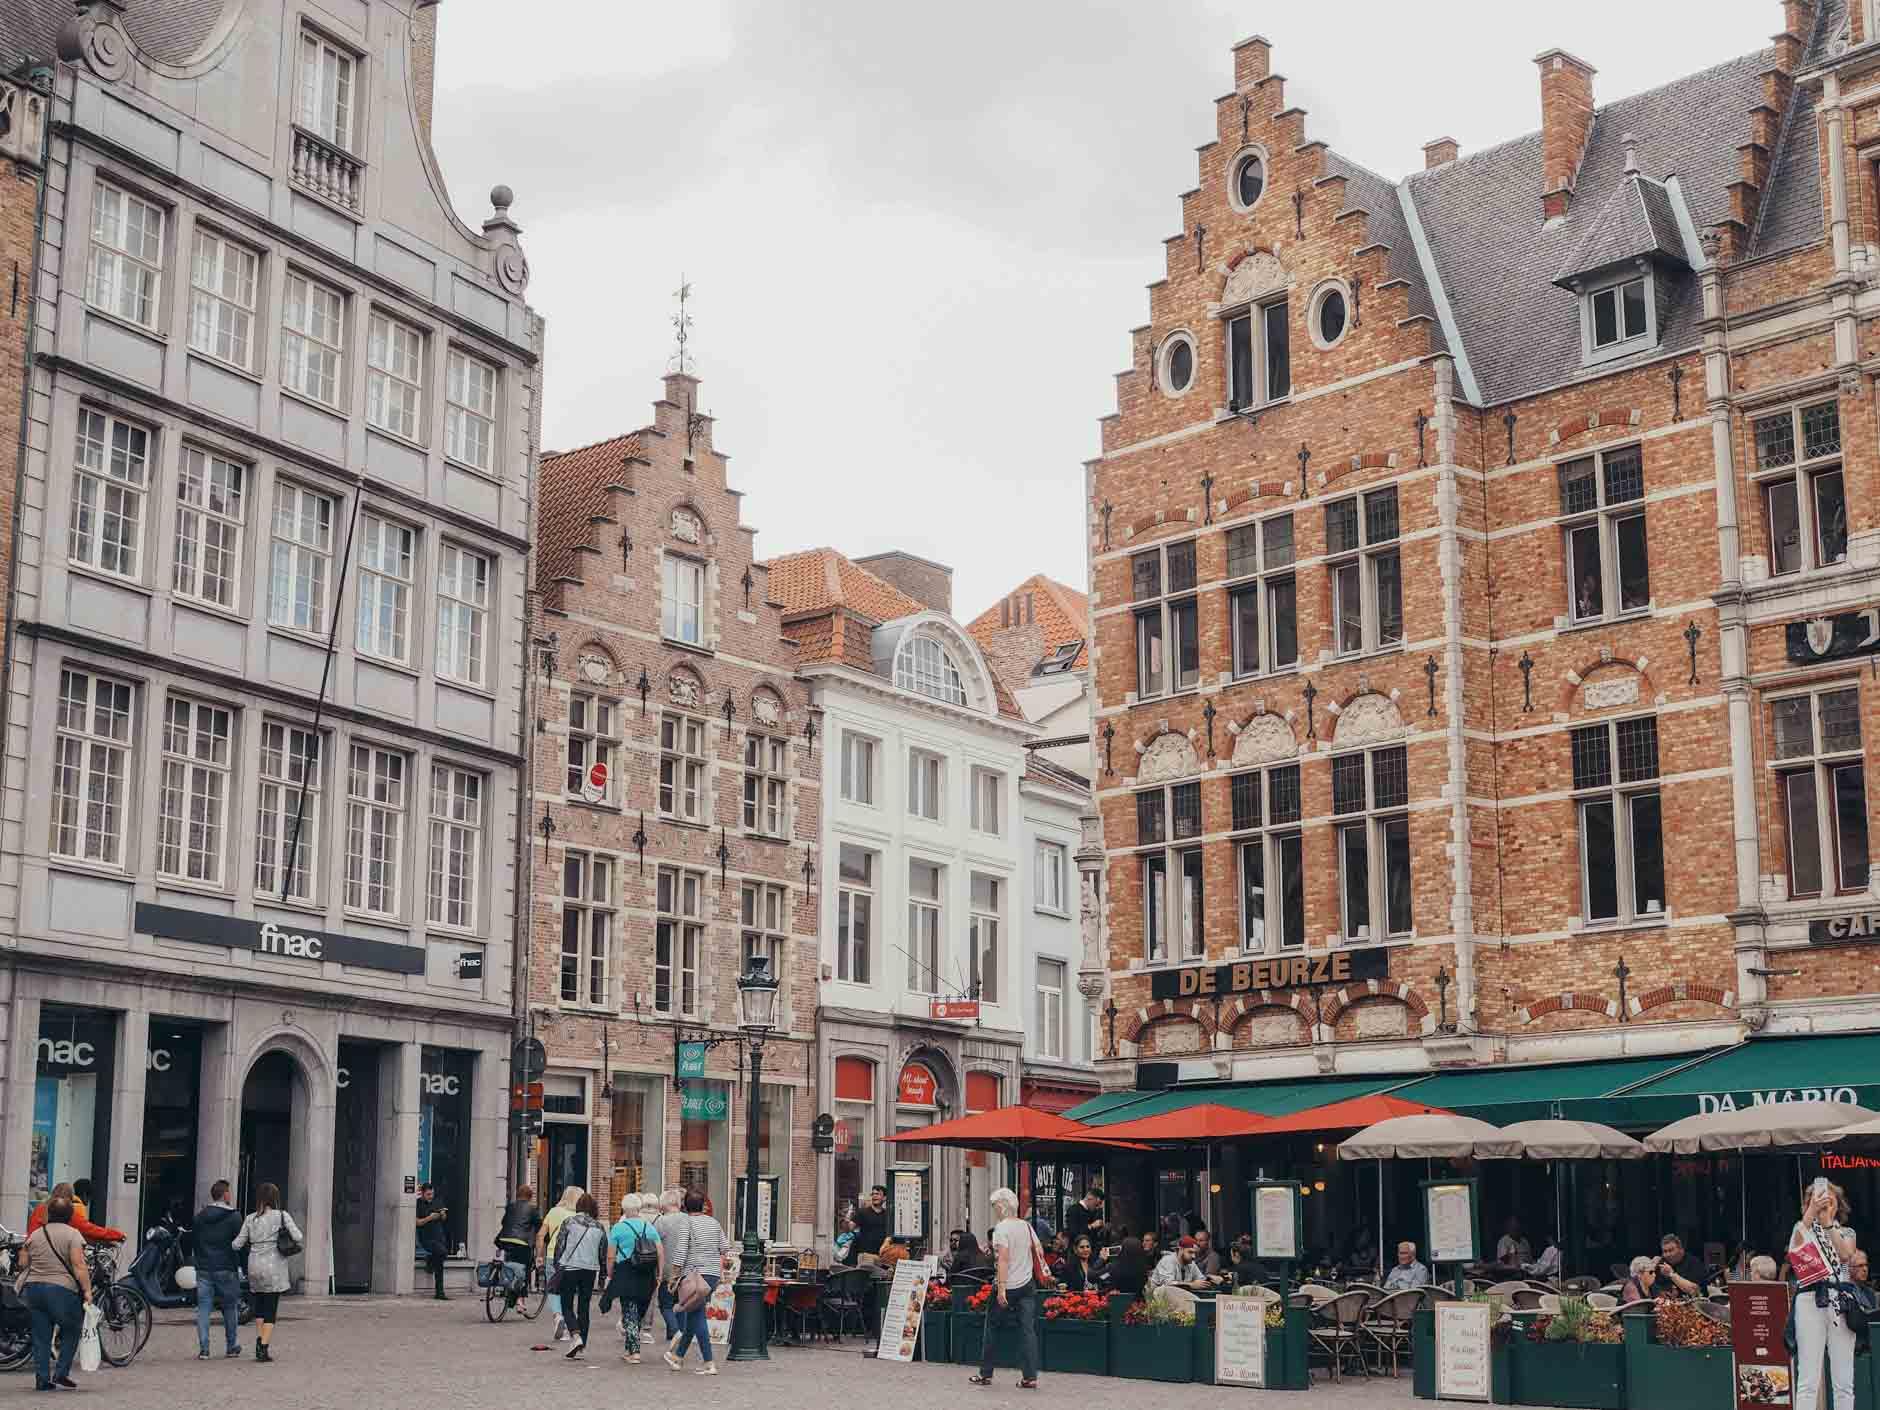 mrkt bruges belgium